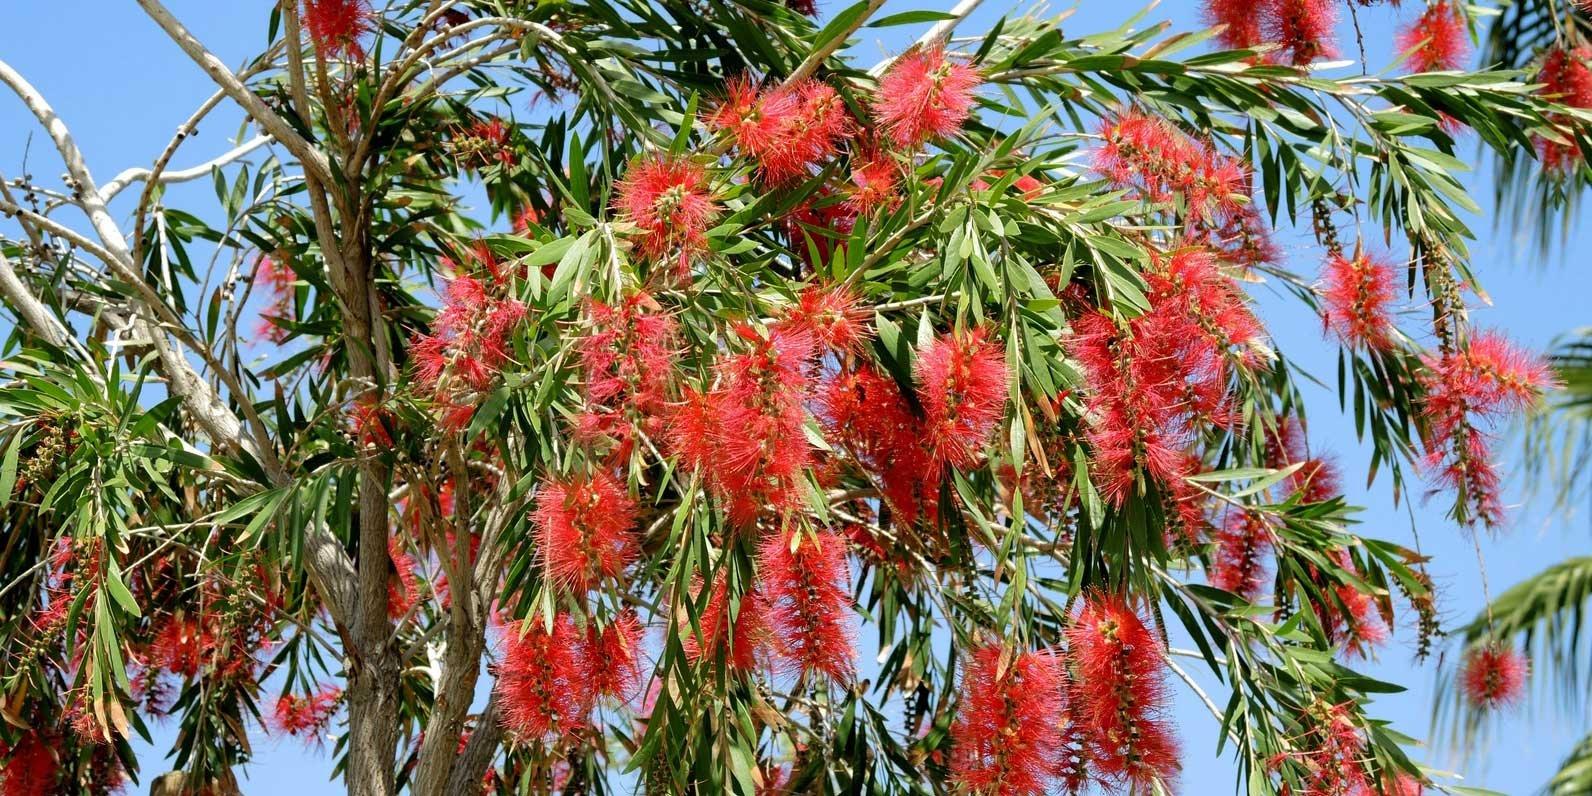 Callistemon: l'arbusto adatto per il giardino al mare - Cose di Casa